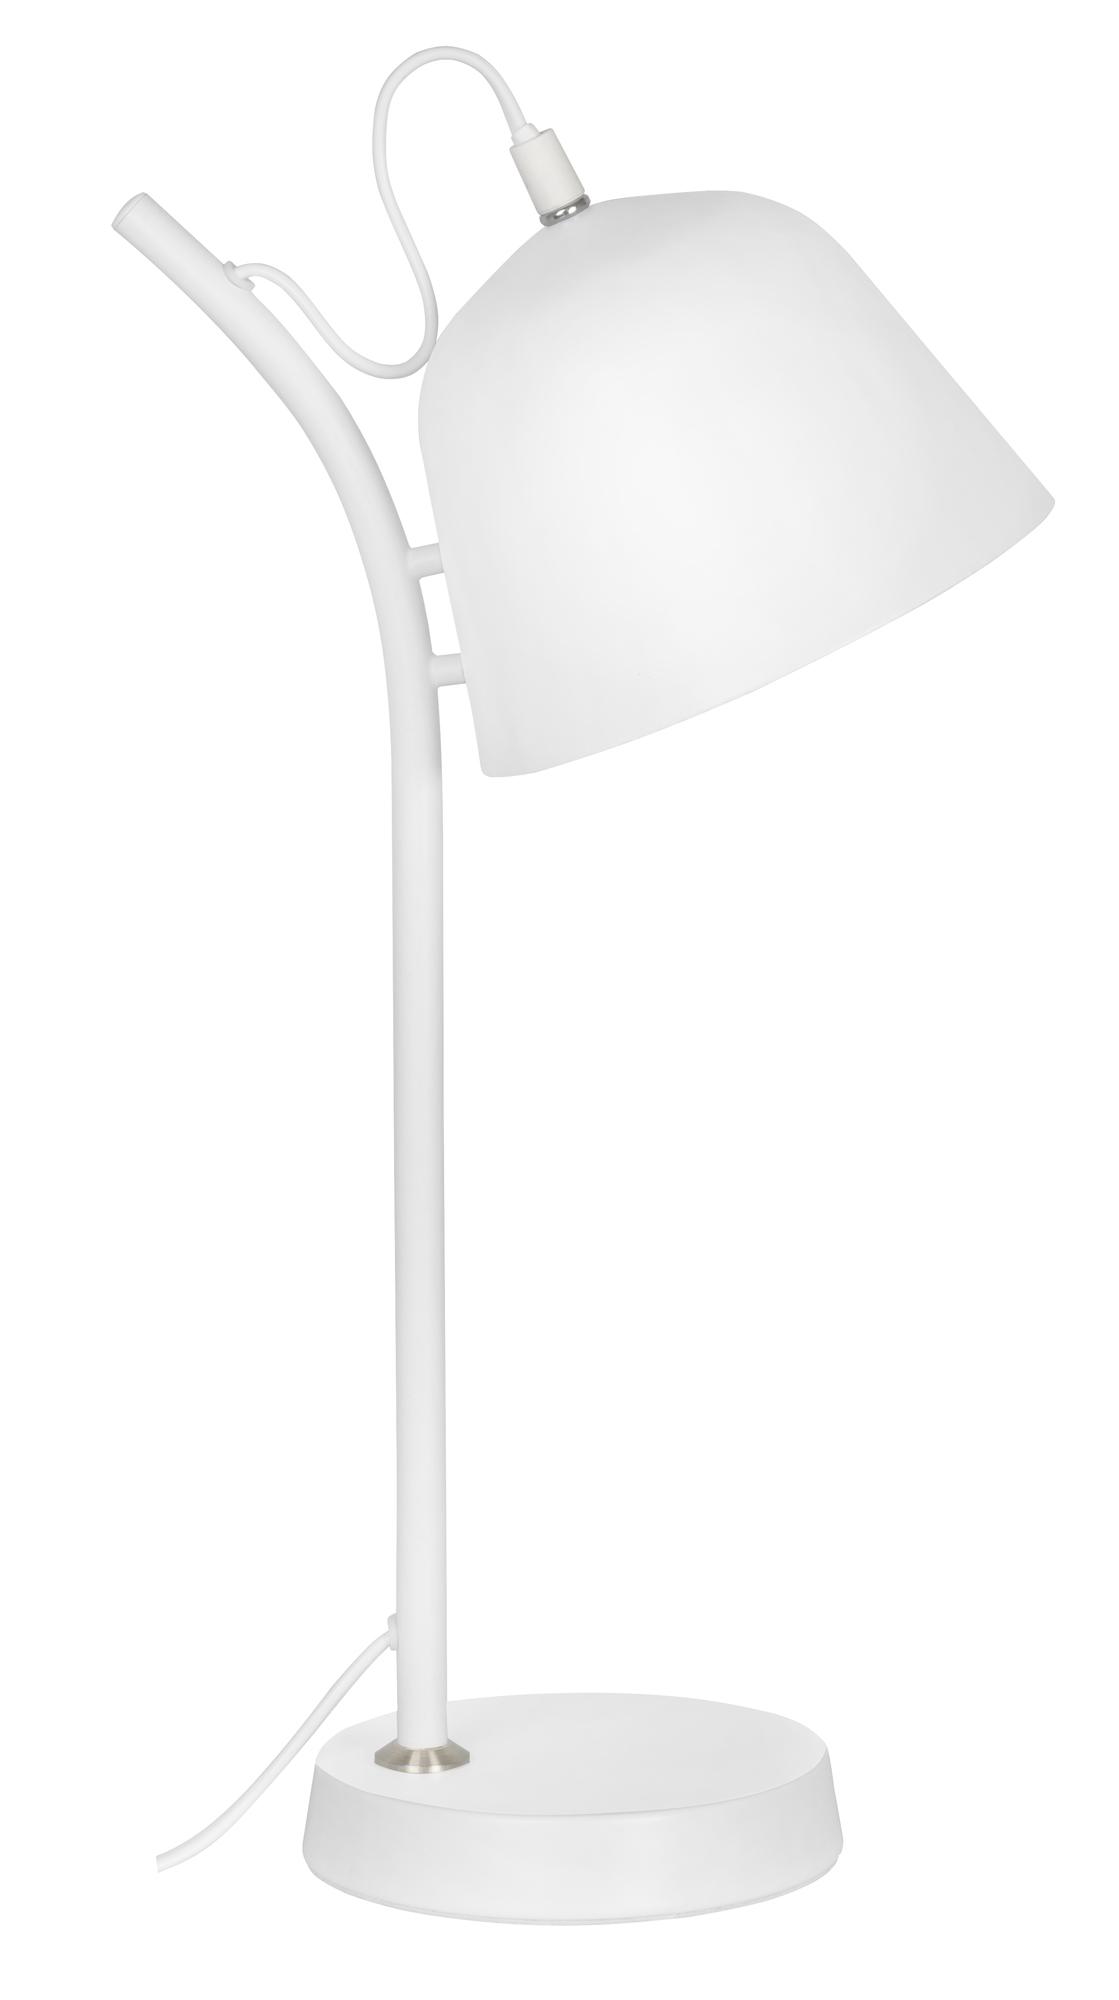 Lampka biurkowa Activejet biała AJE-POLLI White E14